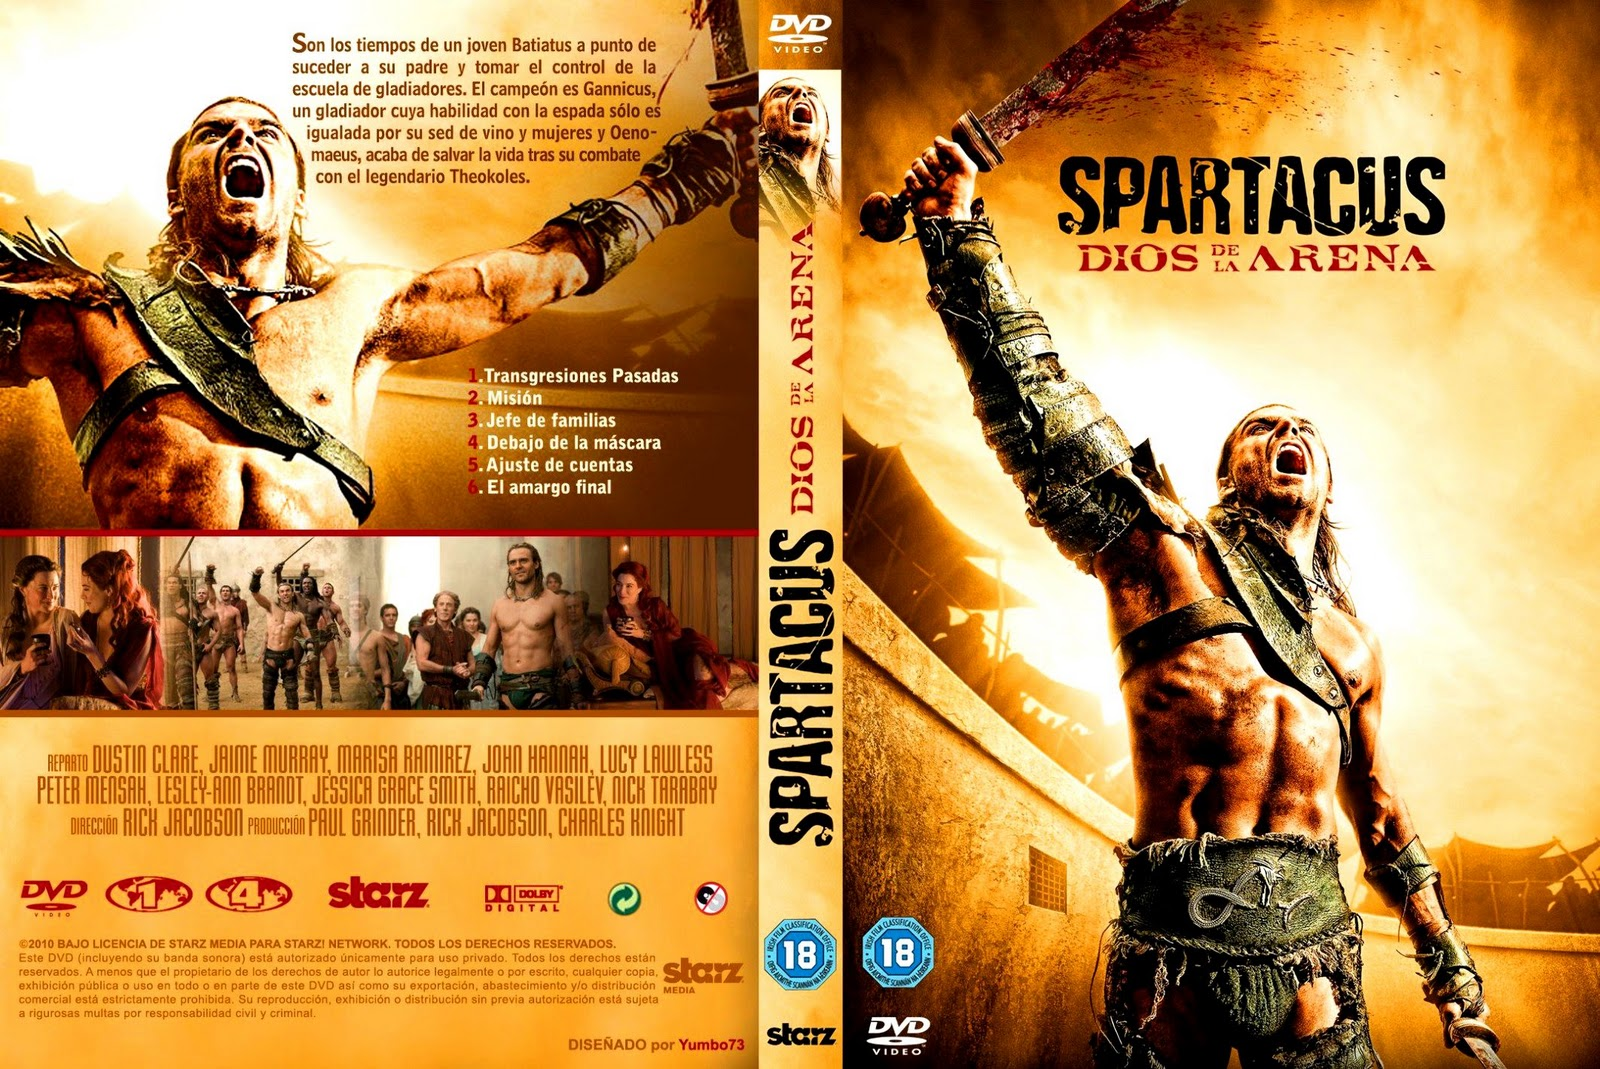 la serie cuenta la historia de spartacus el gladiador más famoso de ...